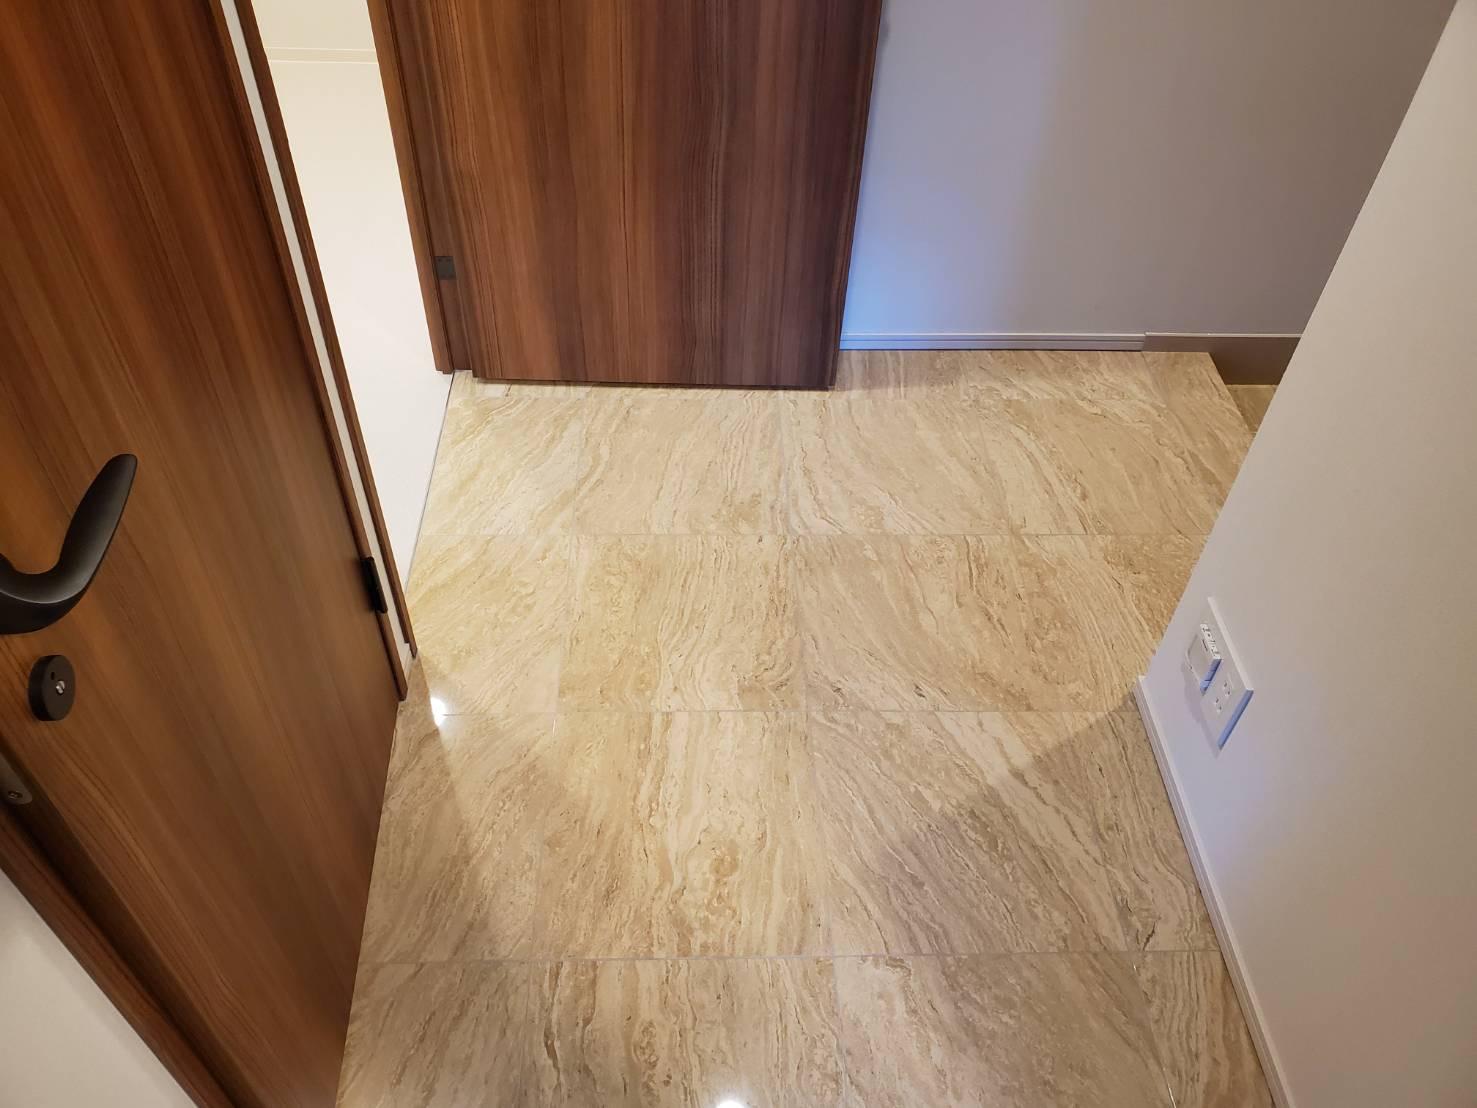 室内廊下(床の大理石はオプション)